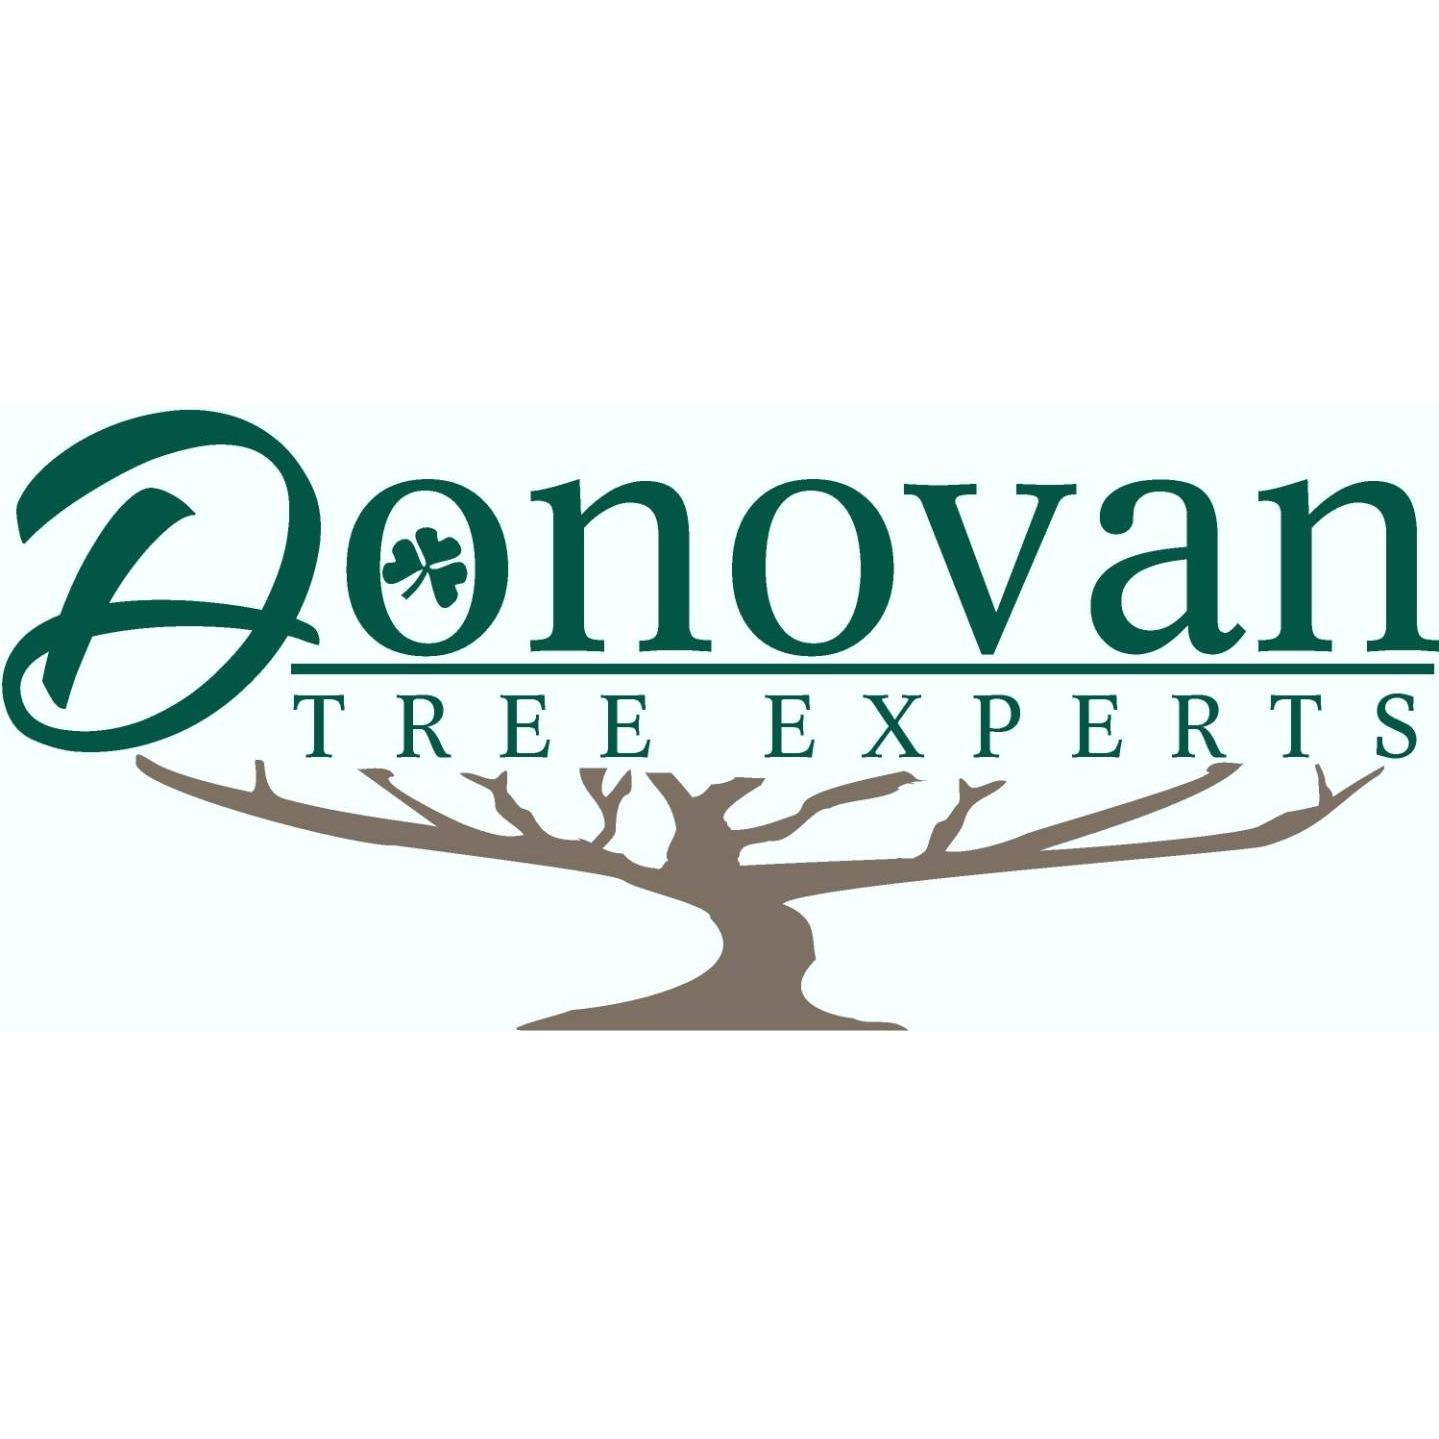 Donovan Tree Experts LLC Logo